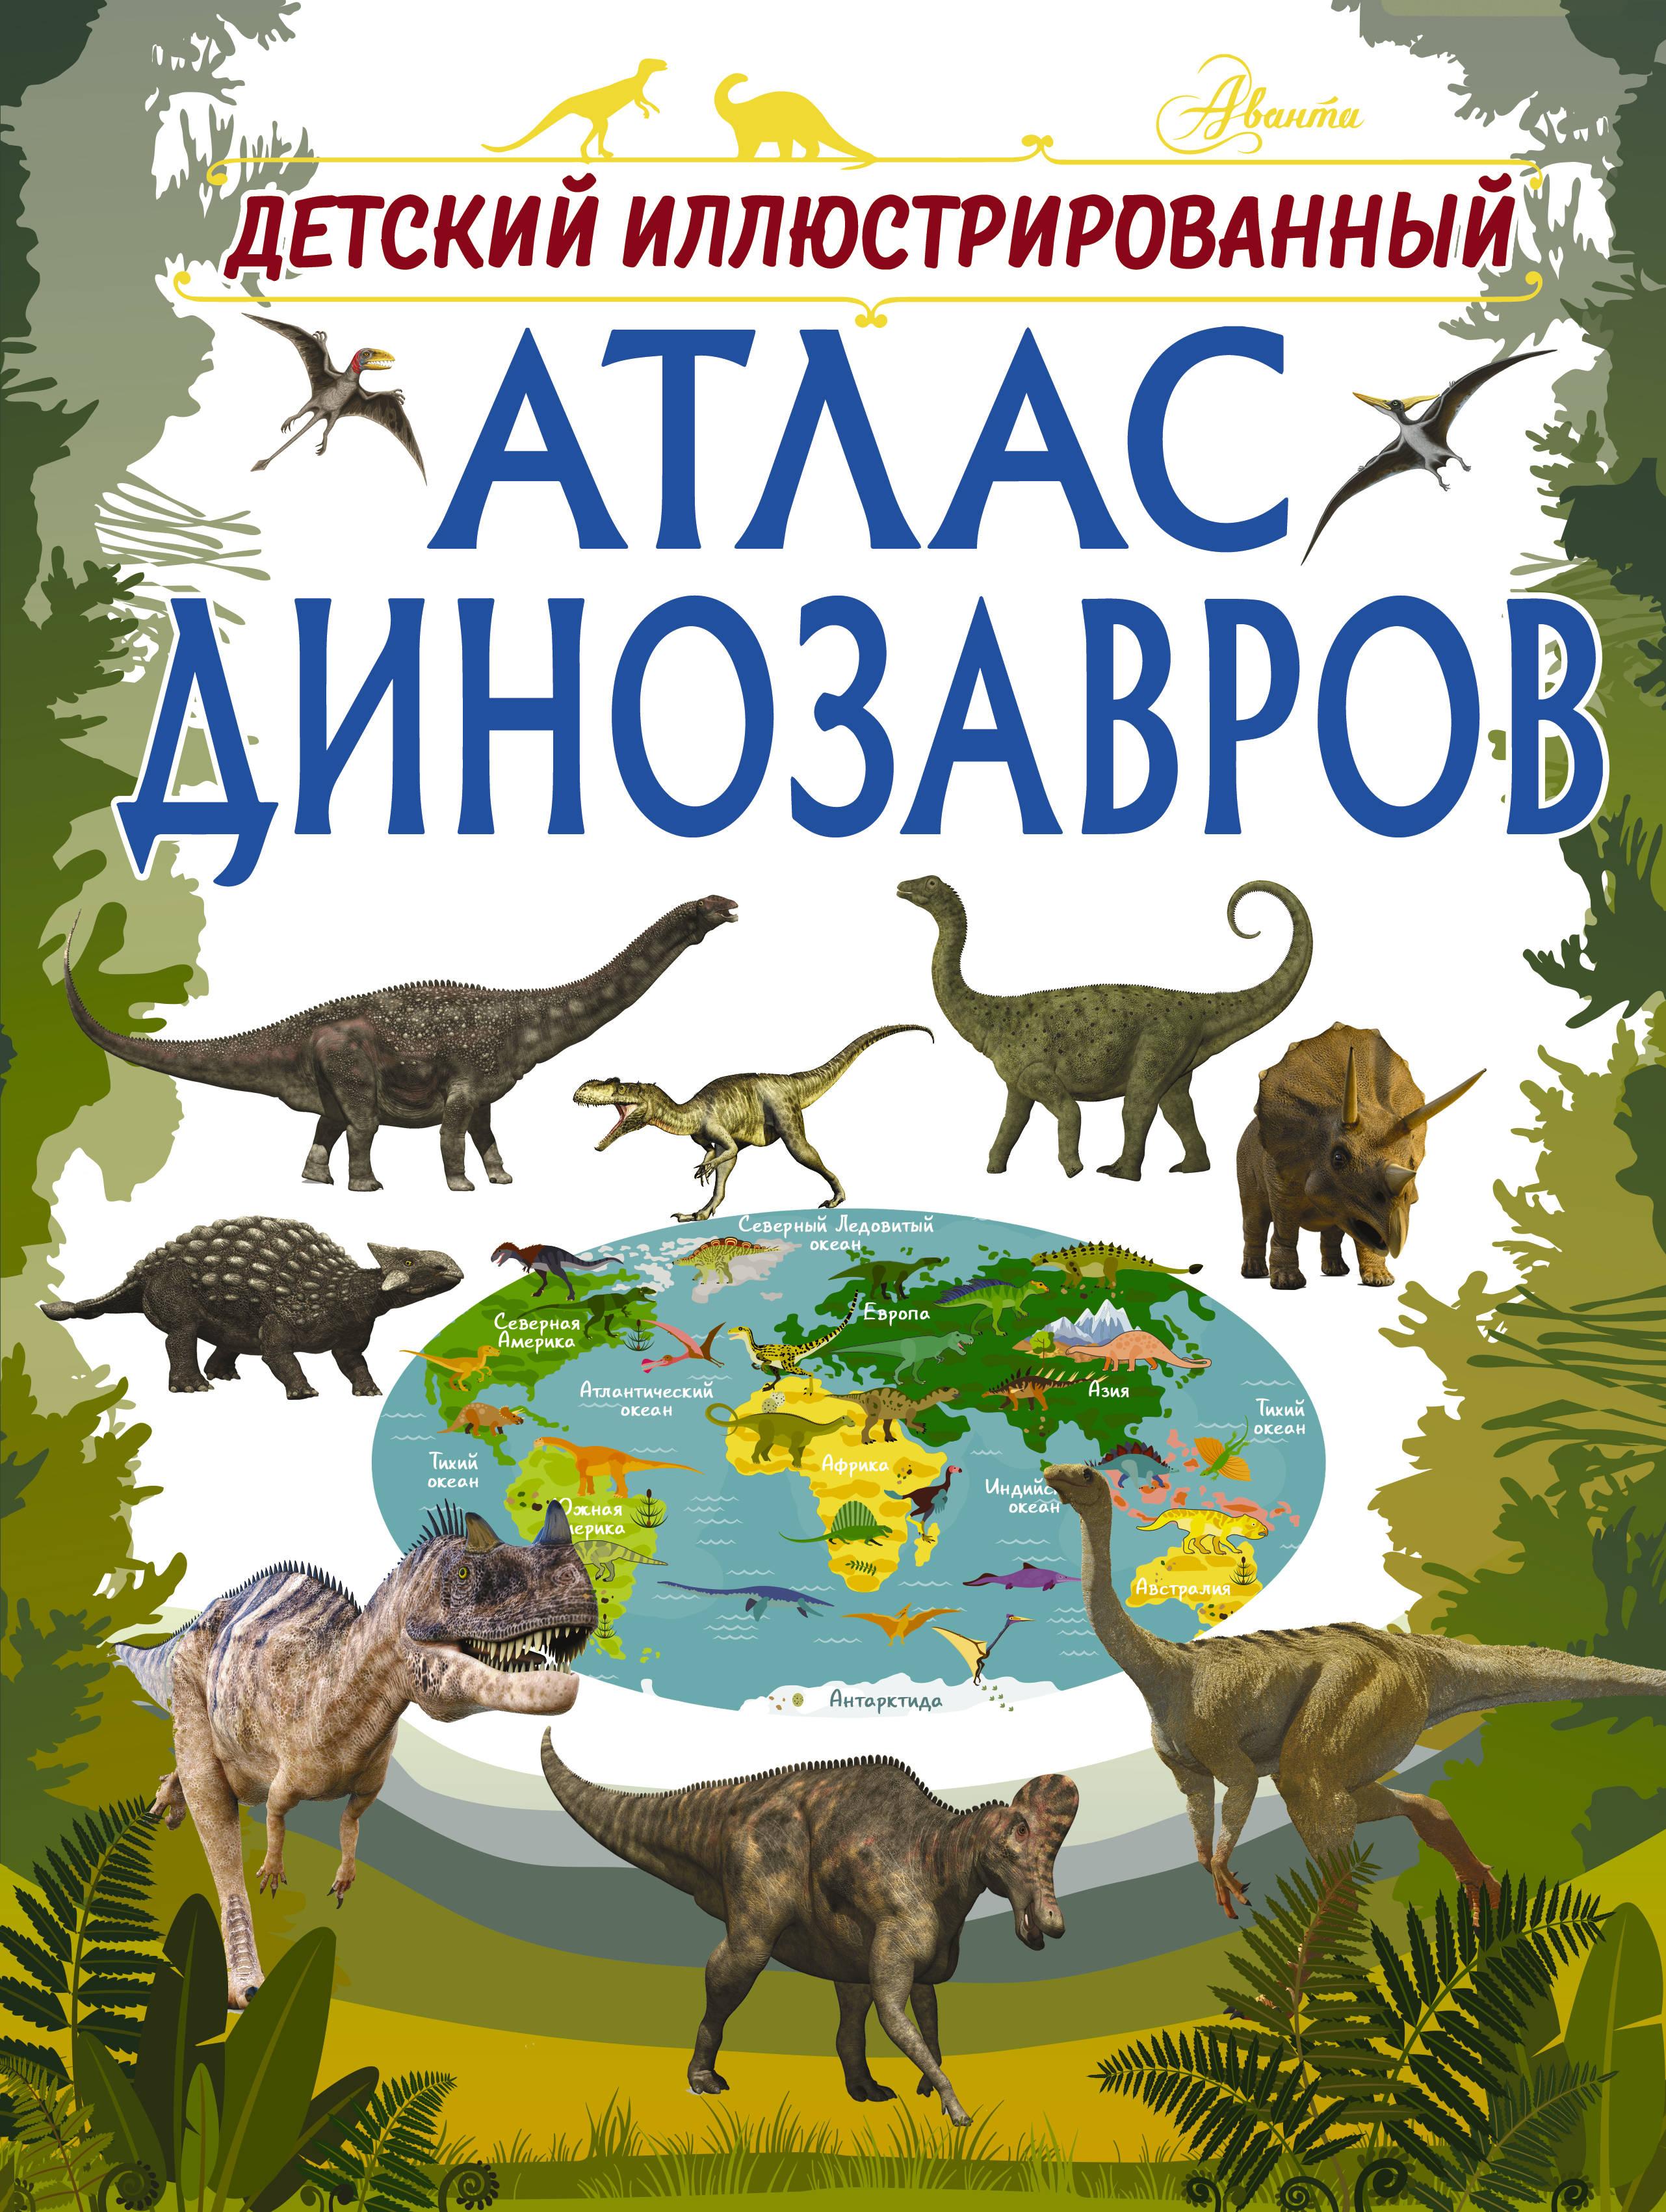 И. Г. Барановская. Детский иллюстрированный атлас динозавров